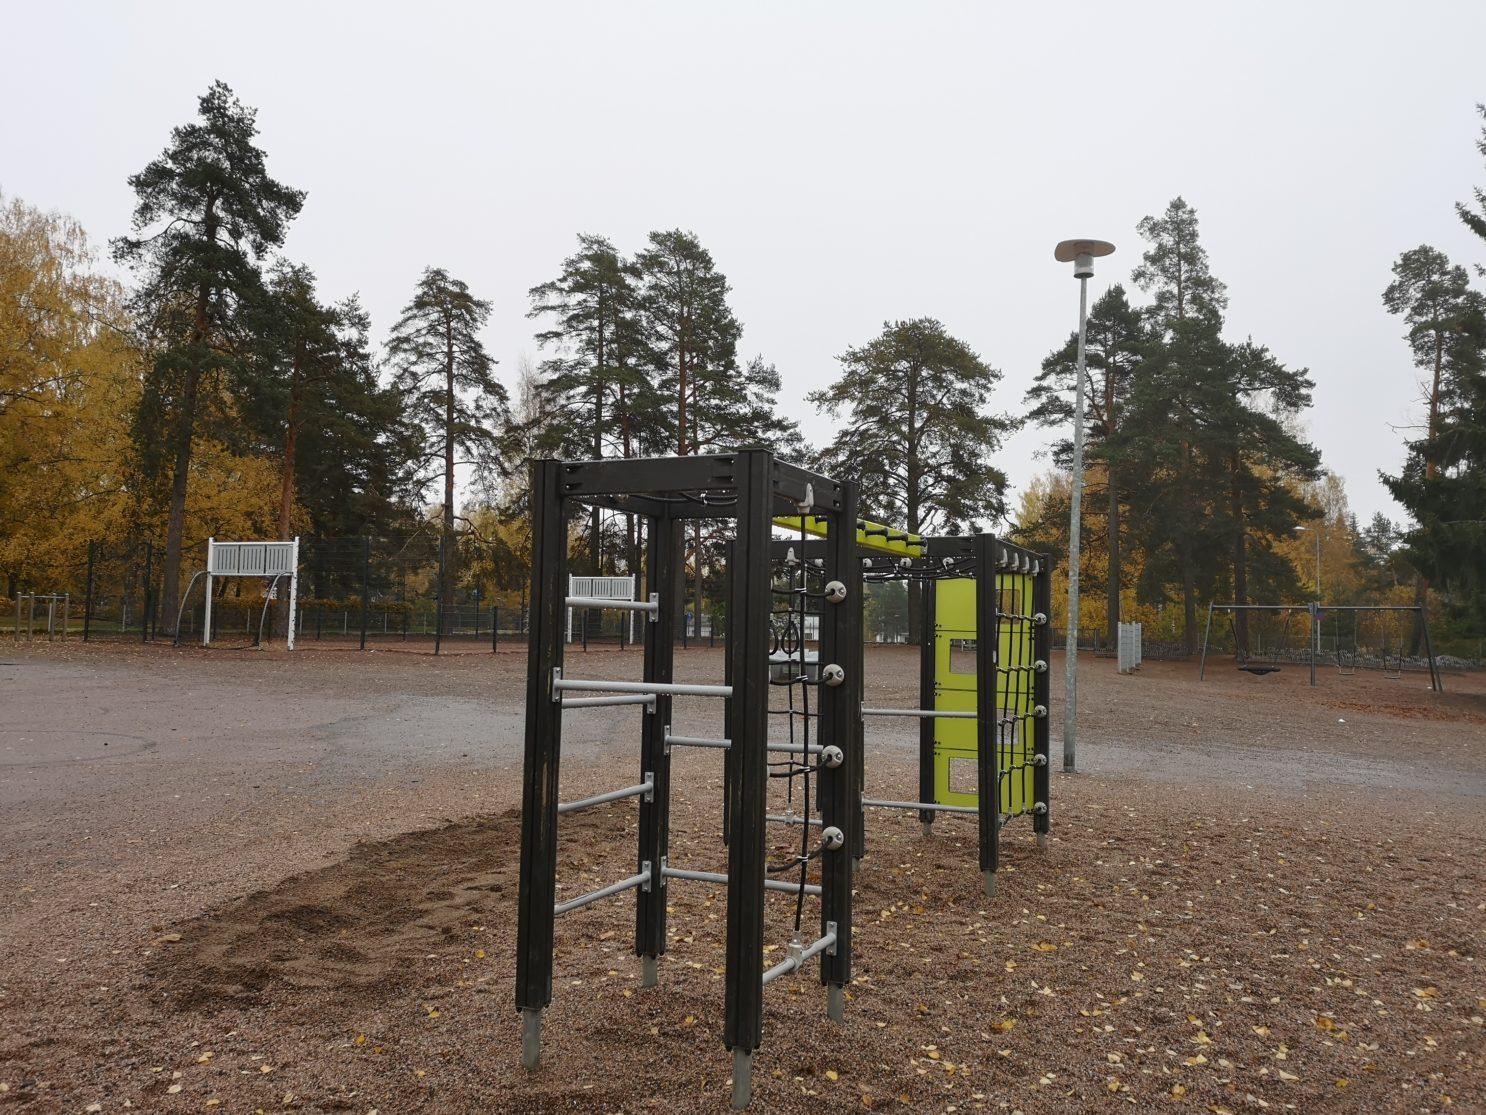 Rajamäen koulun lähiliikuntapaikka